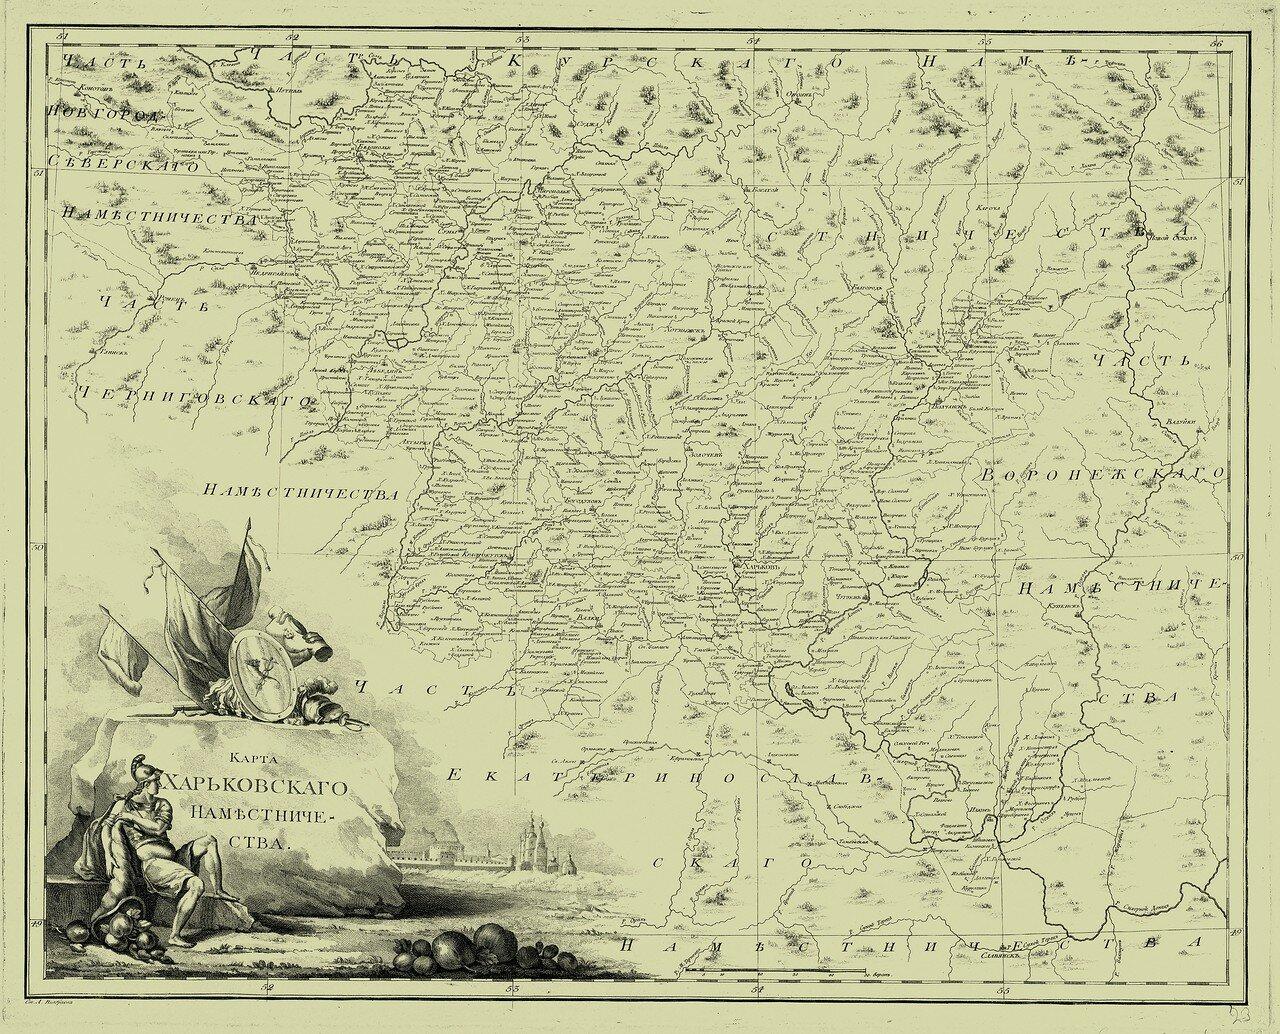 23. Карта Харьковского наместничества